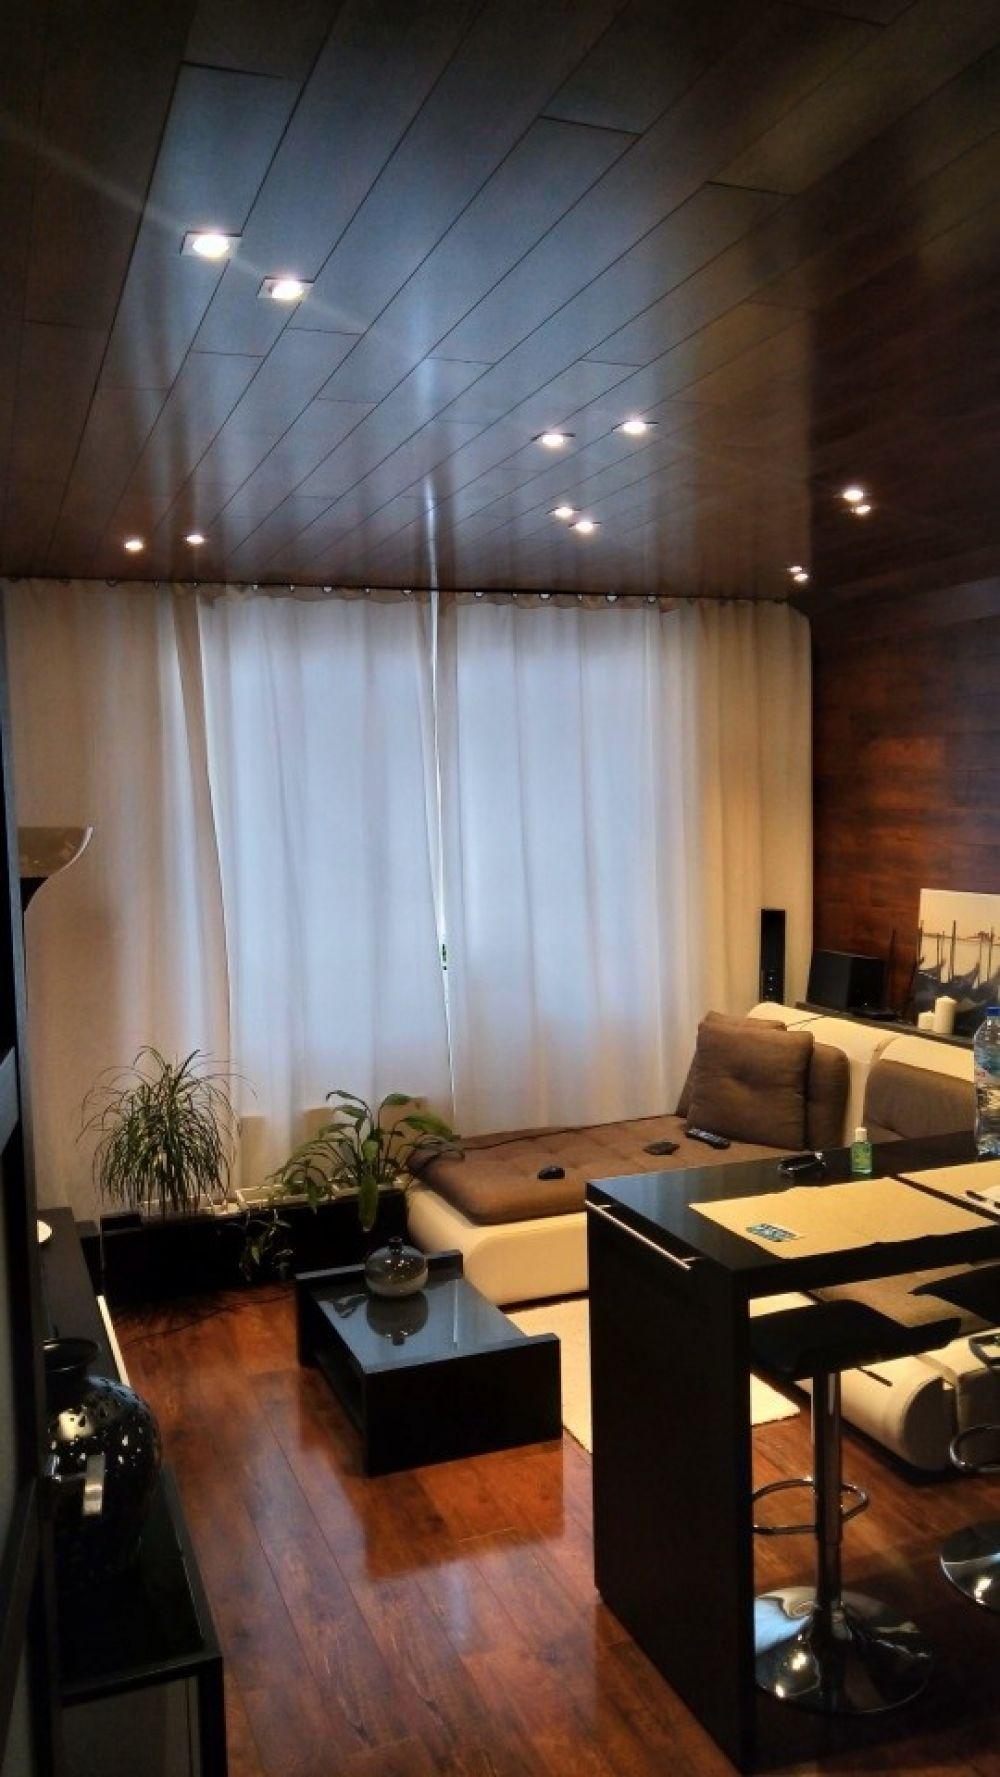 Продается 1-к квартира  городской округ Лосино-Петровский Аничково дом 4, фото 3